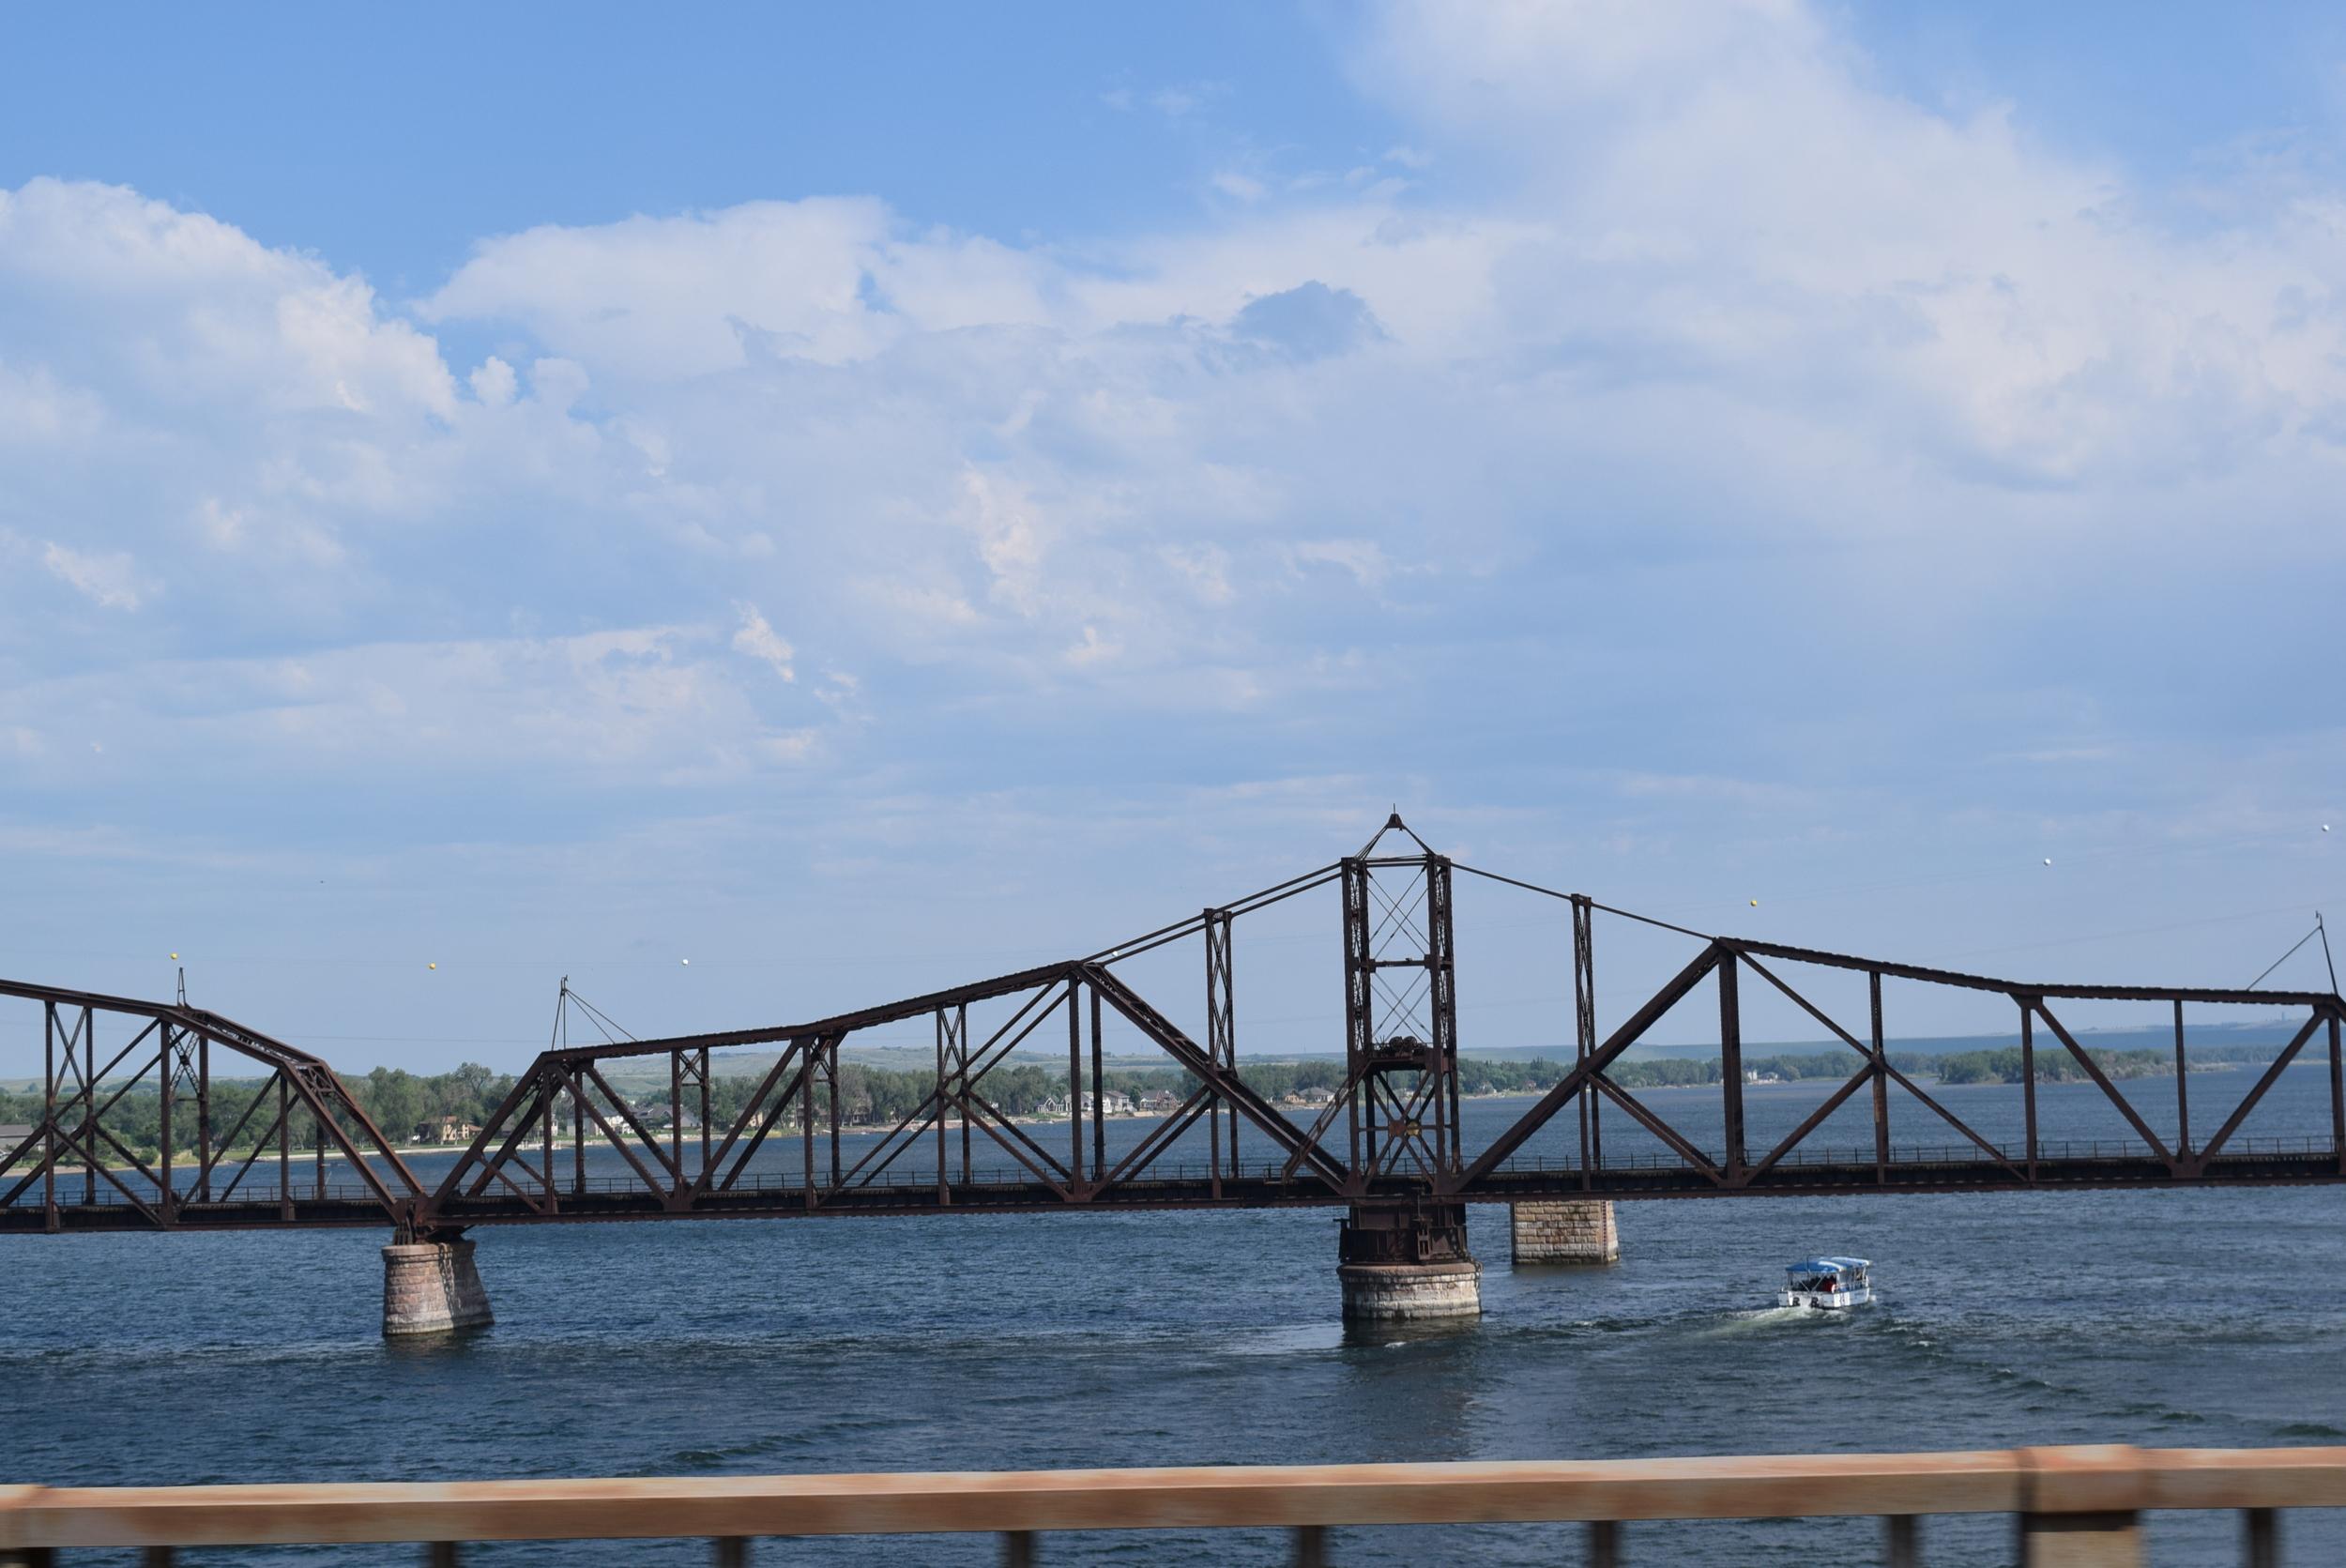 The Missouri River in Pierre, SD.